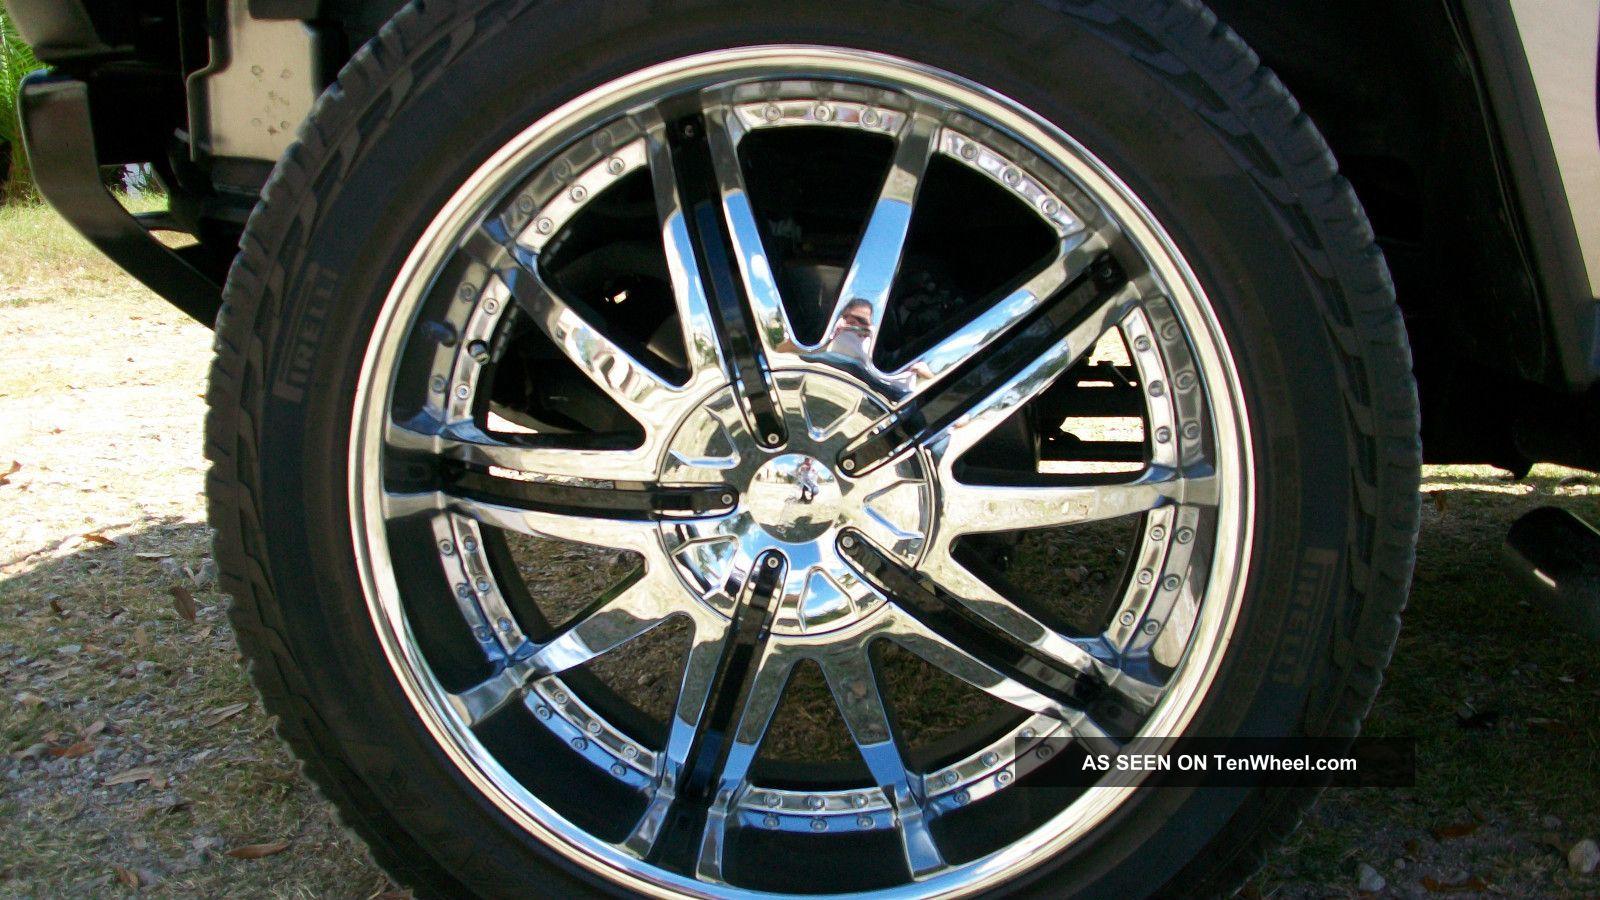 24 wheels chrome - 2005 Hummer H2 Luxury 4x4 Dvd Chrome Pkg 24 Wheels